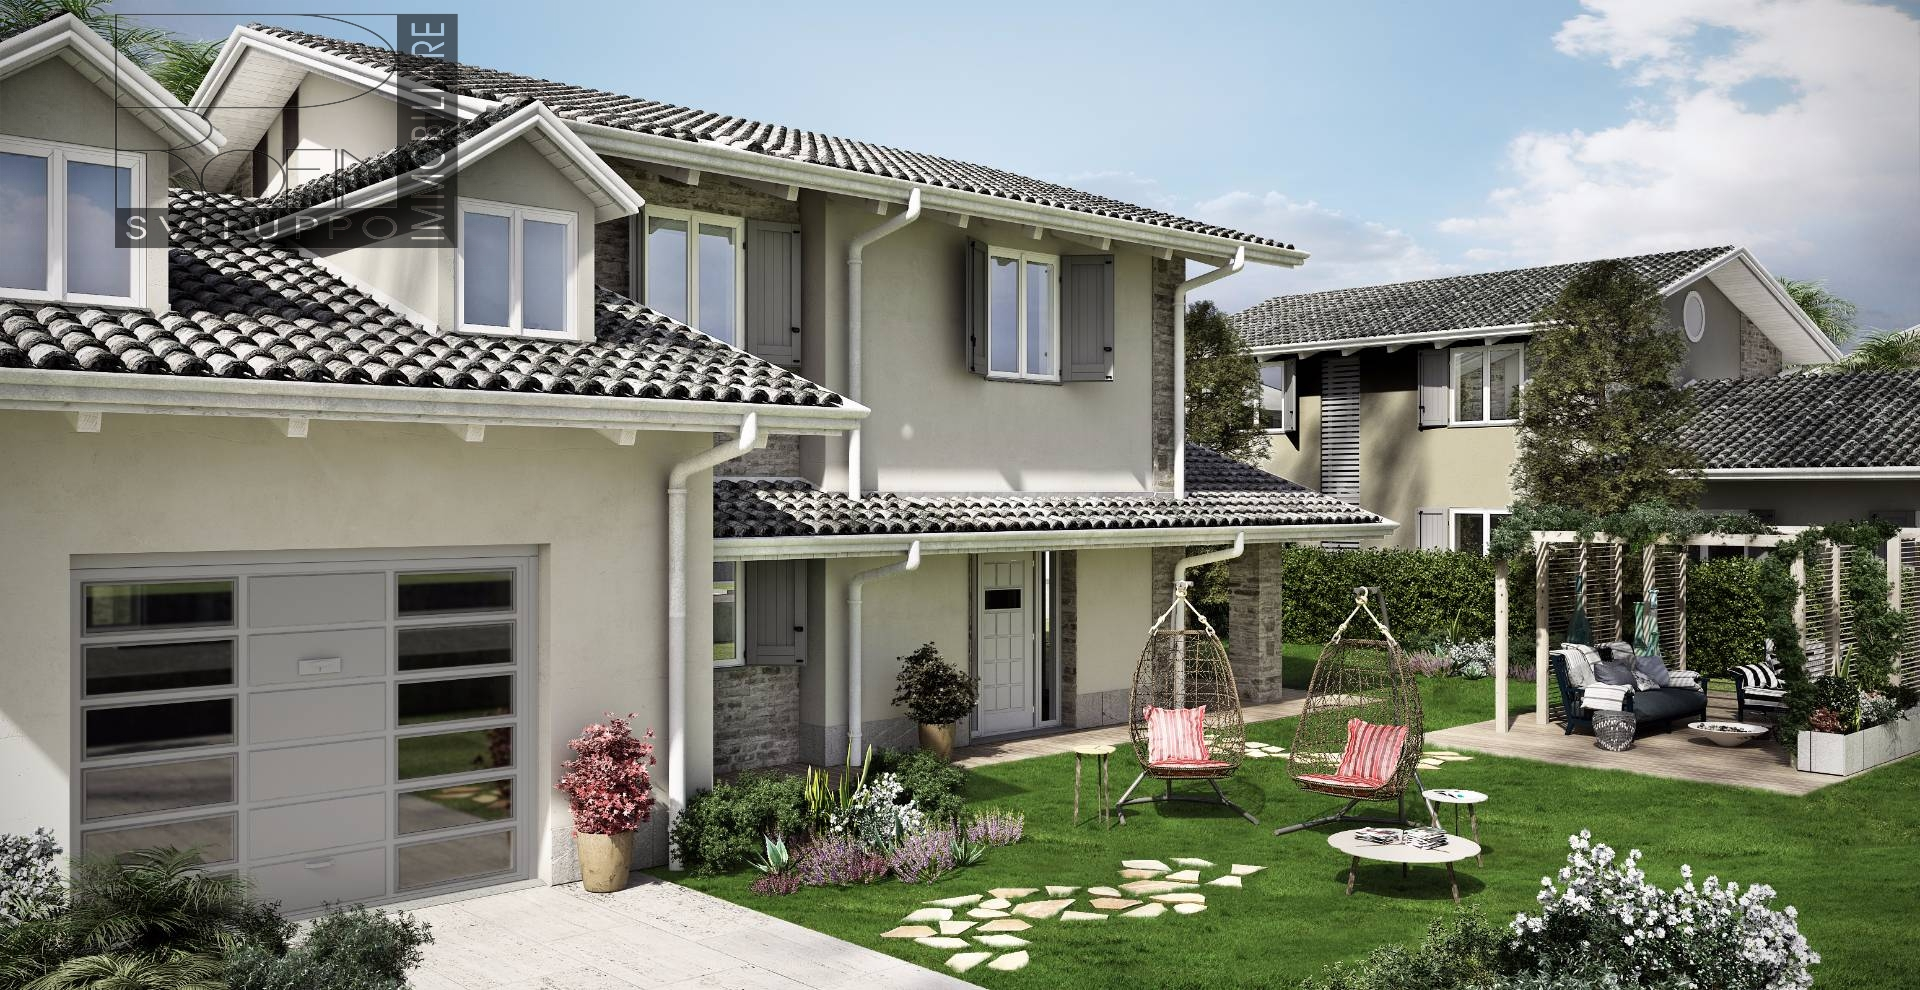 Villa in vendita a Spino d'Adda, 5 locali, Trattative riservate | Cambio Casa.it